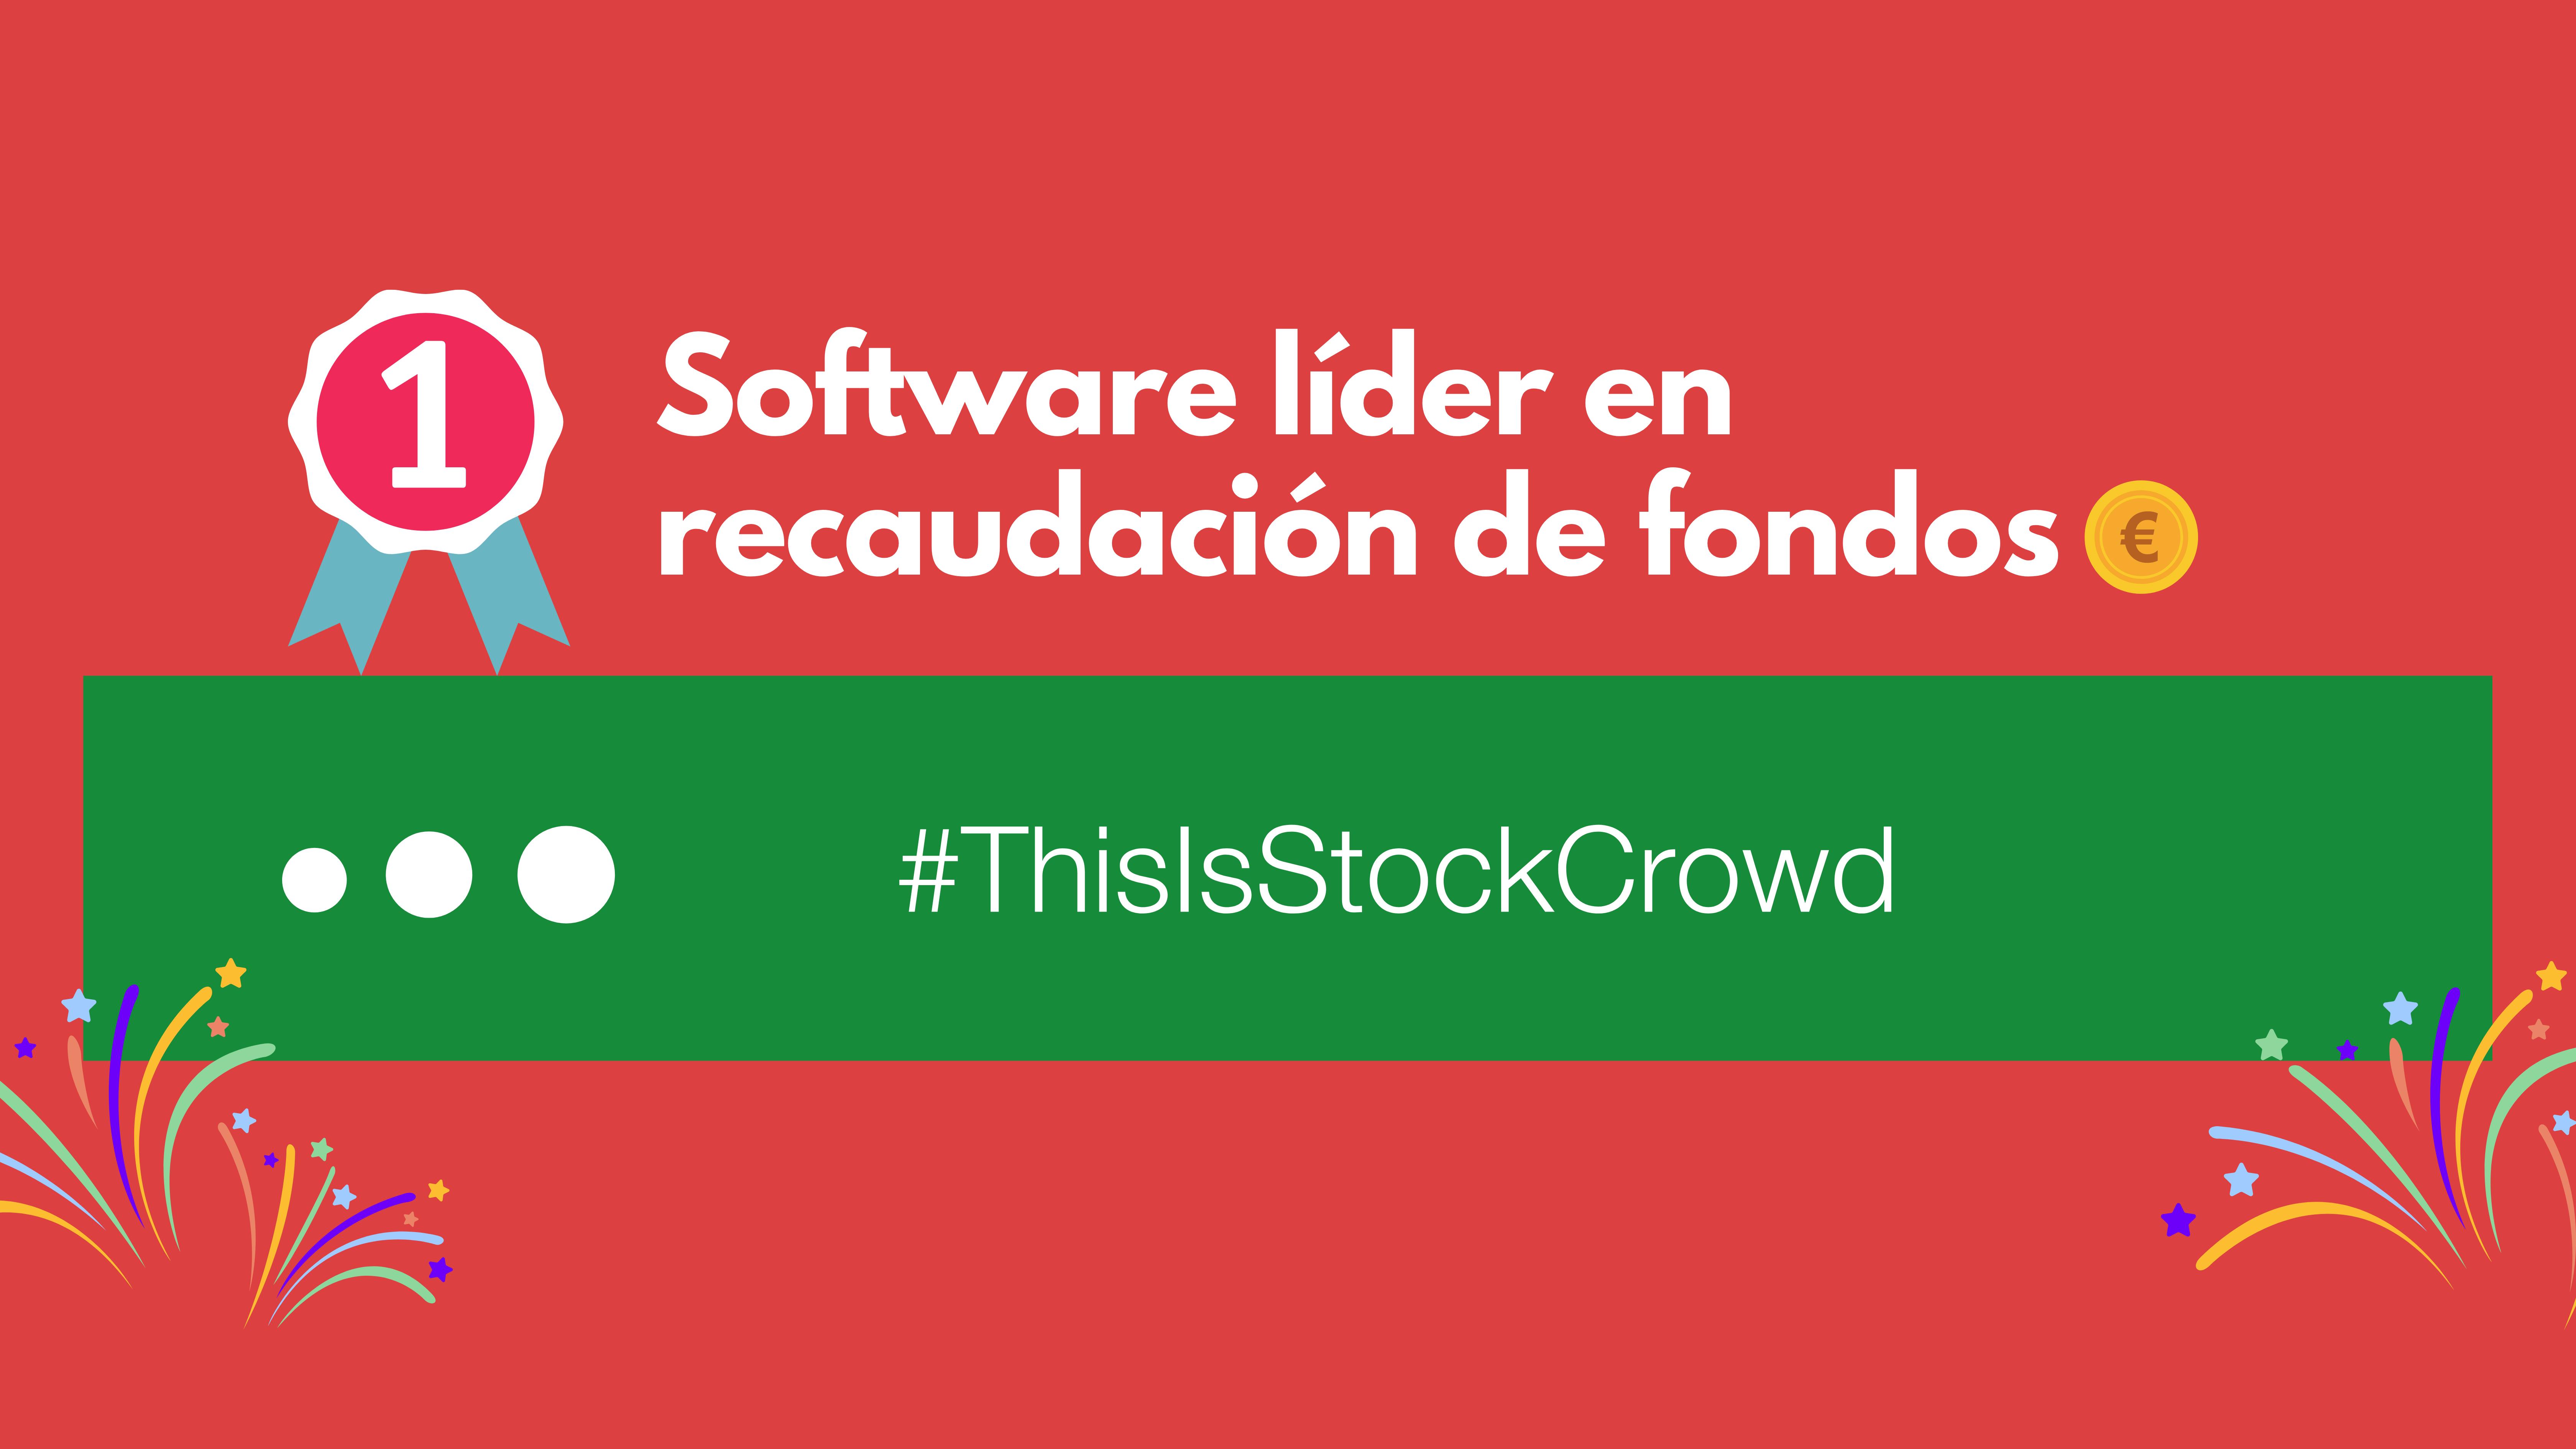 StockCrowd, líder en recaudación de donaciones en España